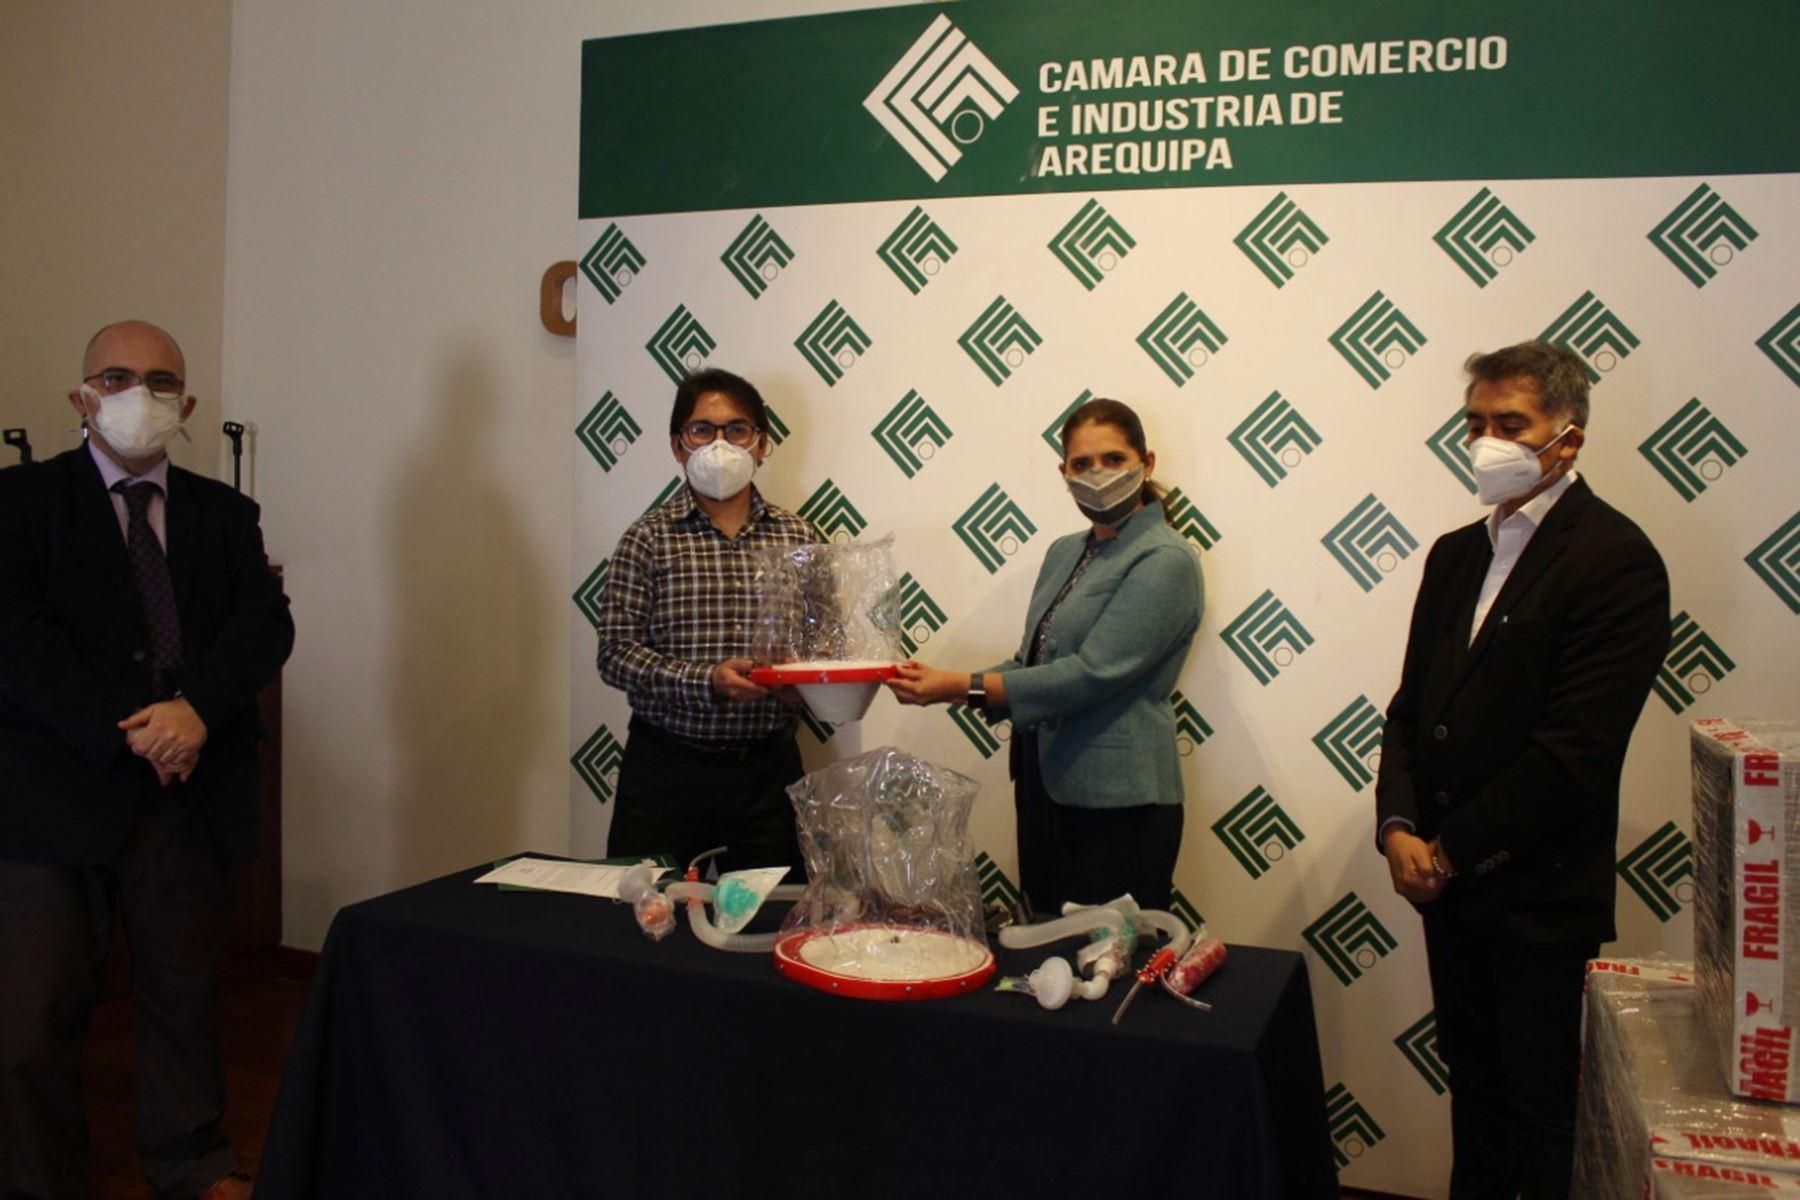 La CCIA donó 50 cascos de ventilación, de un total de 95, al hospital covid-19 como parte de la campaña